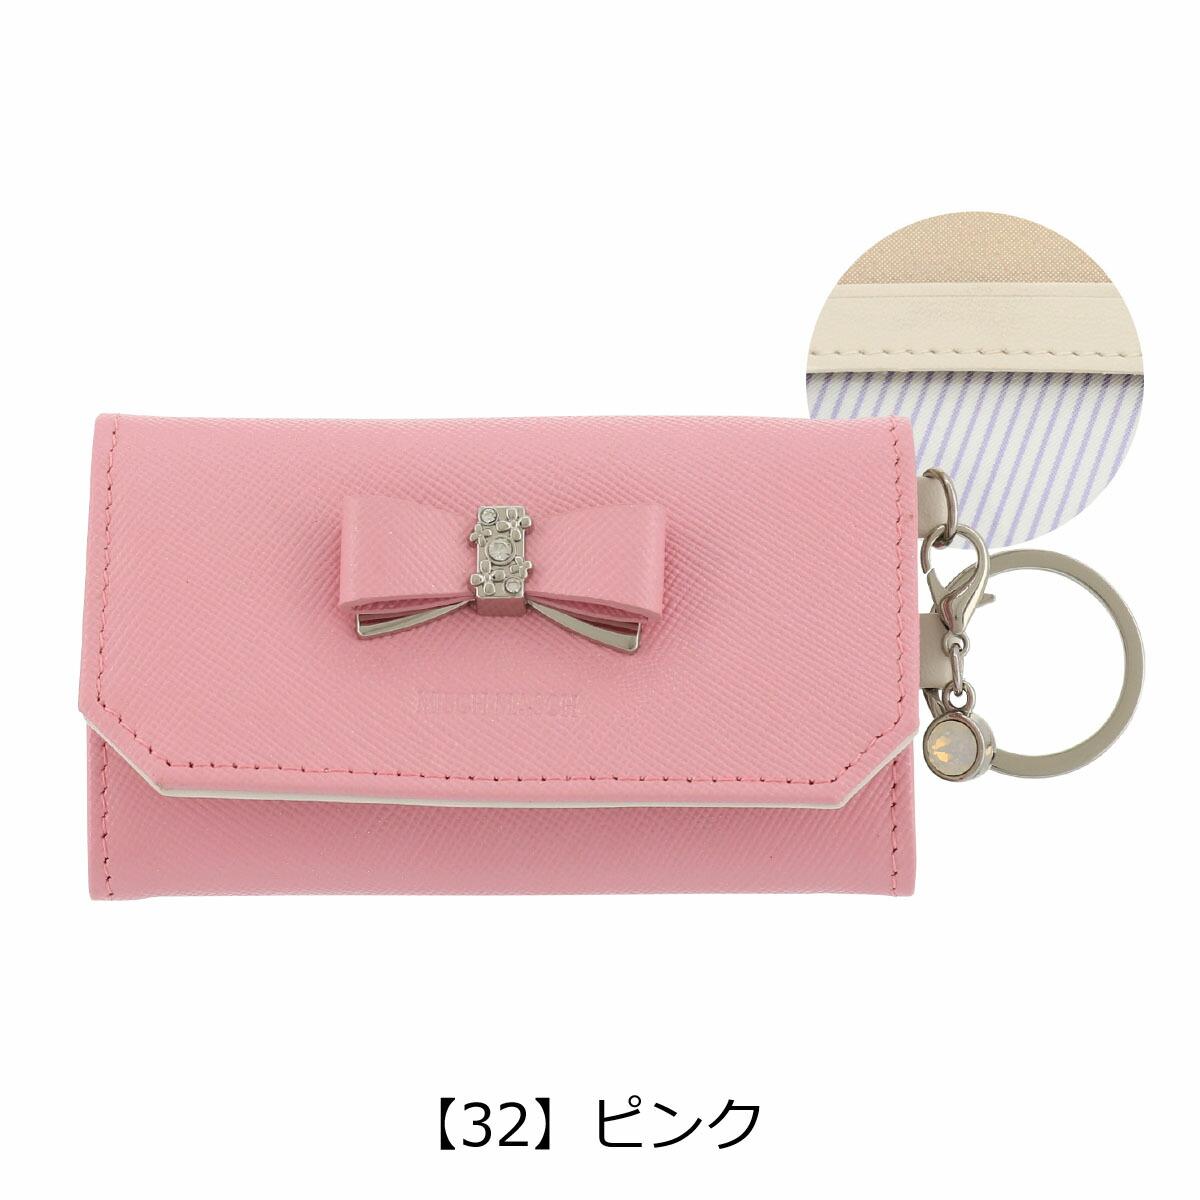 【32】ピンク